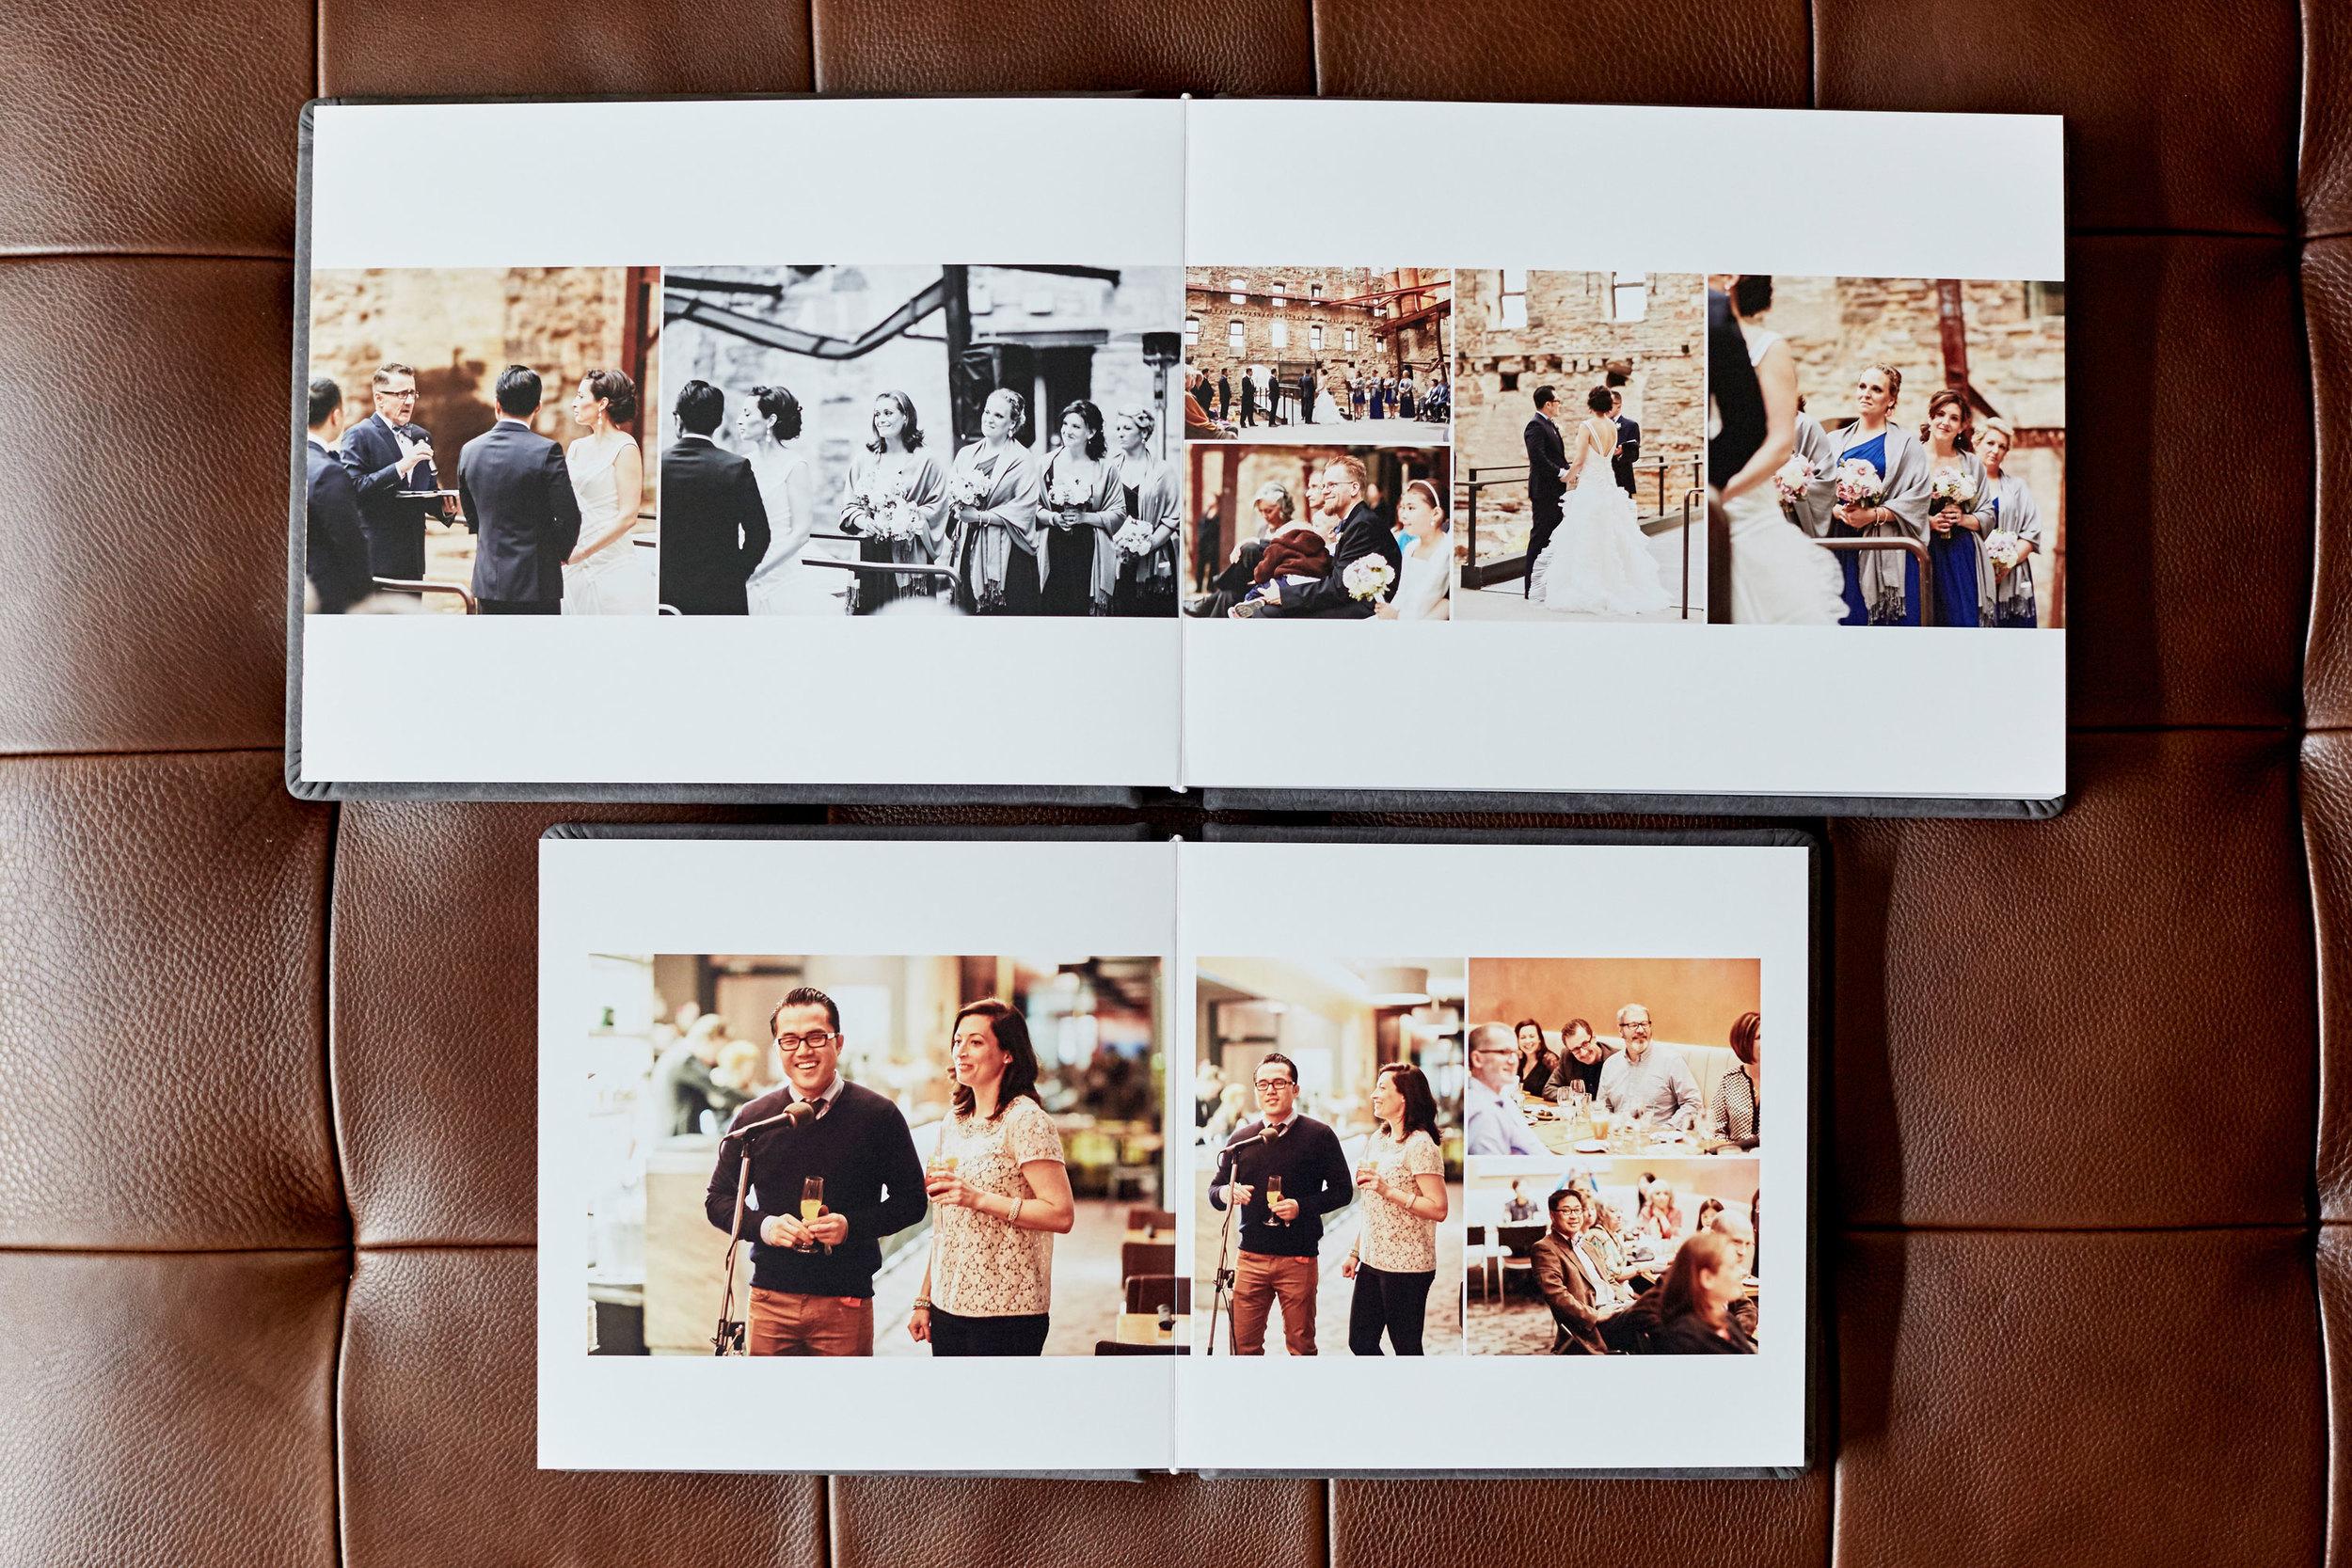 nickfayweddings-albums-004.jpg